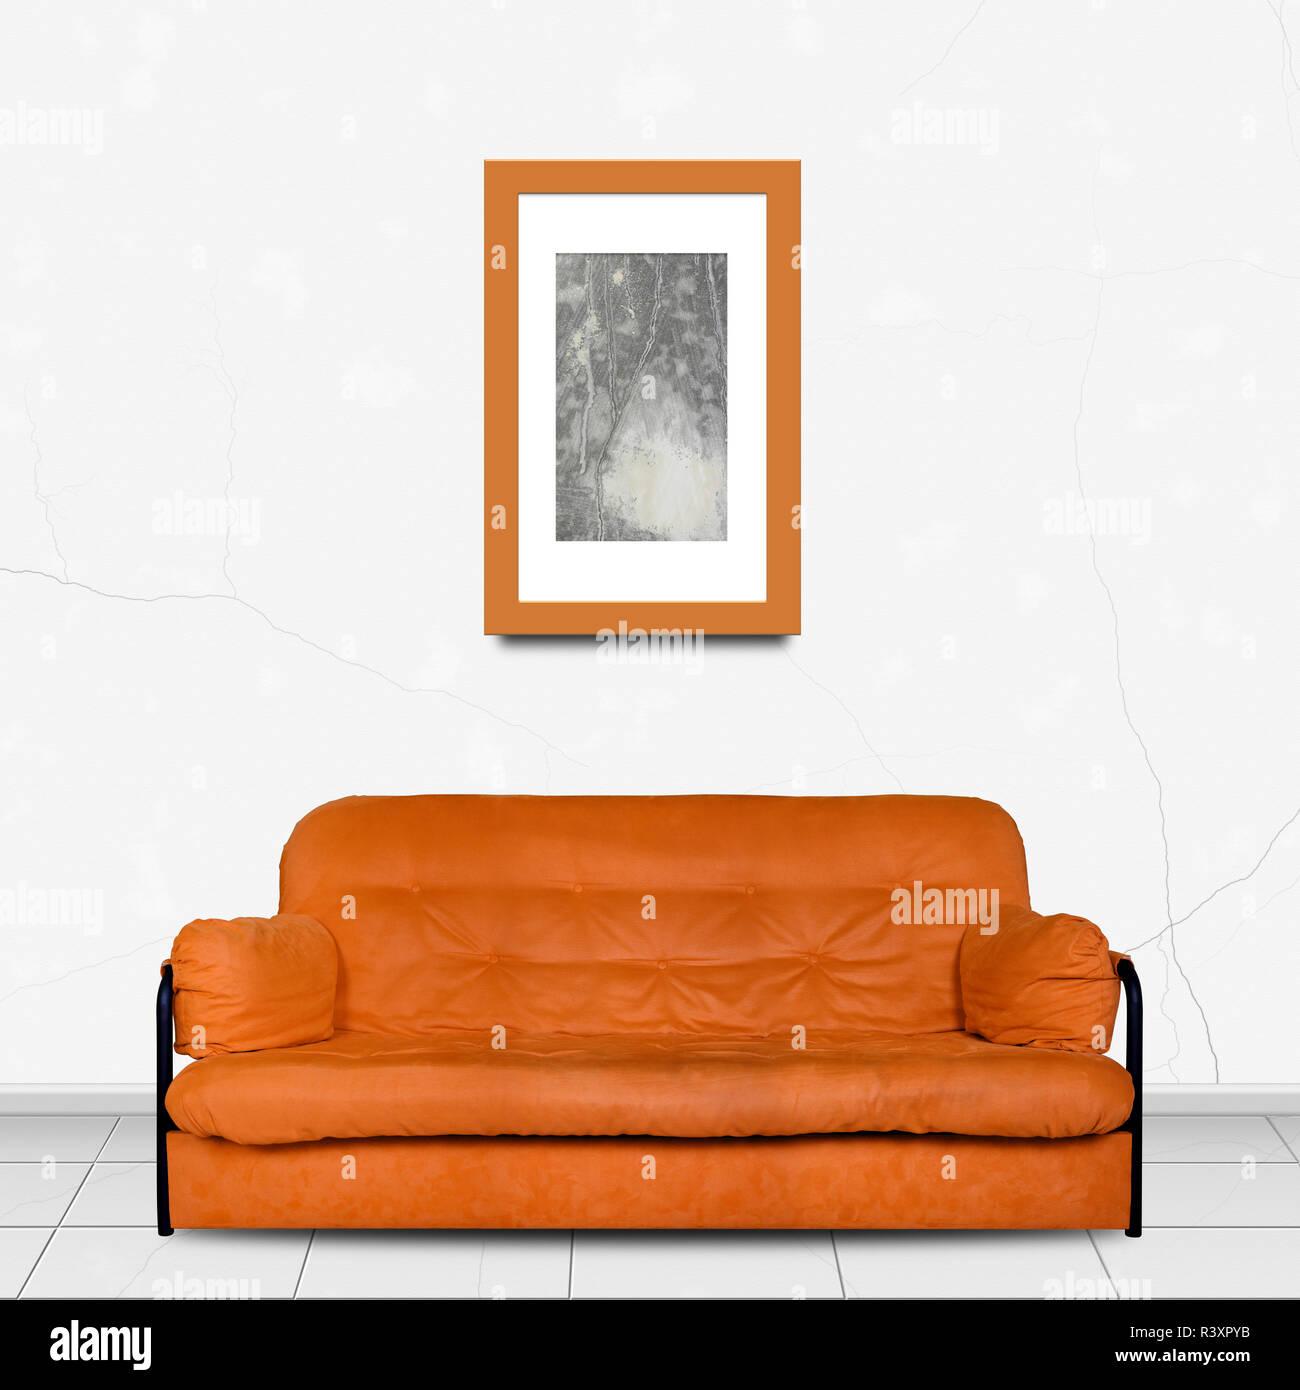 Meubles De Salon En Home Intérieur   Orange Divan Canapé Moderne Fait De  Tissu à Lu0027avant Et La Peinture Photo Dans Une Trame De Fond Mur Blanc